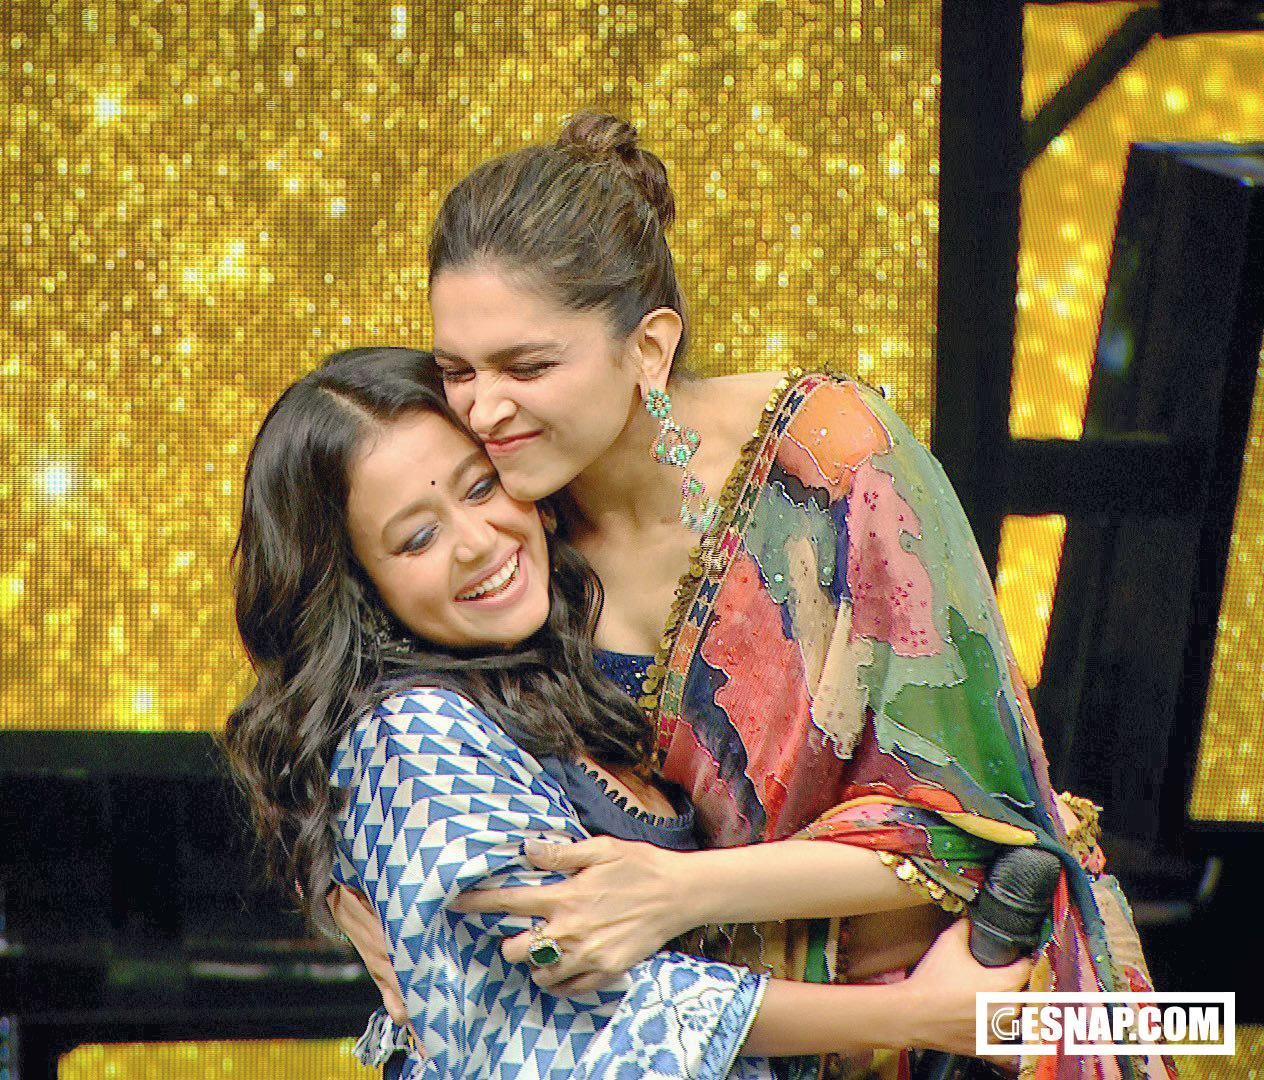 Neha Kakkar Photo | Gesnap.com